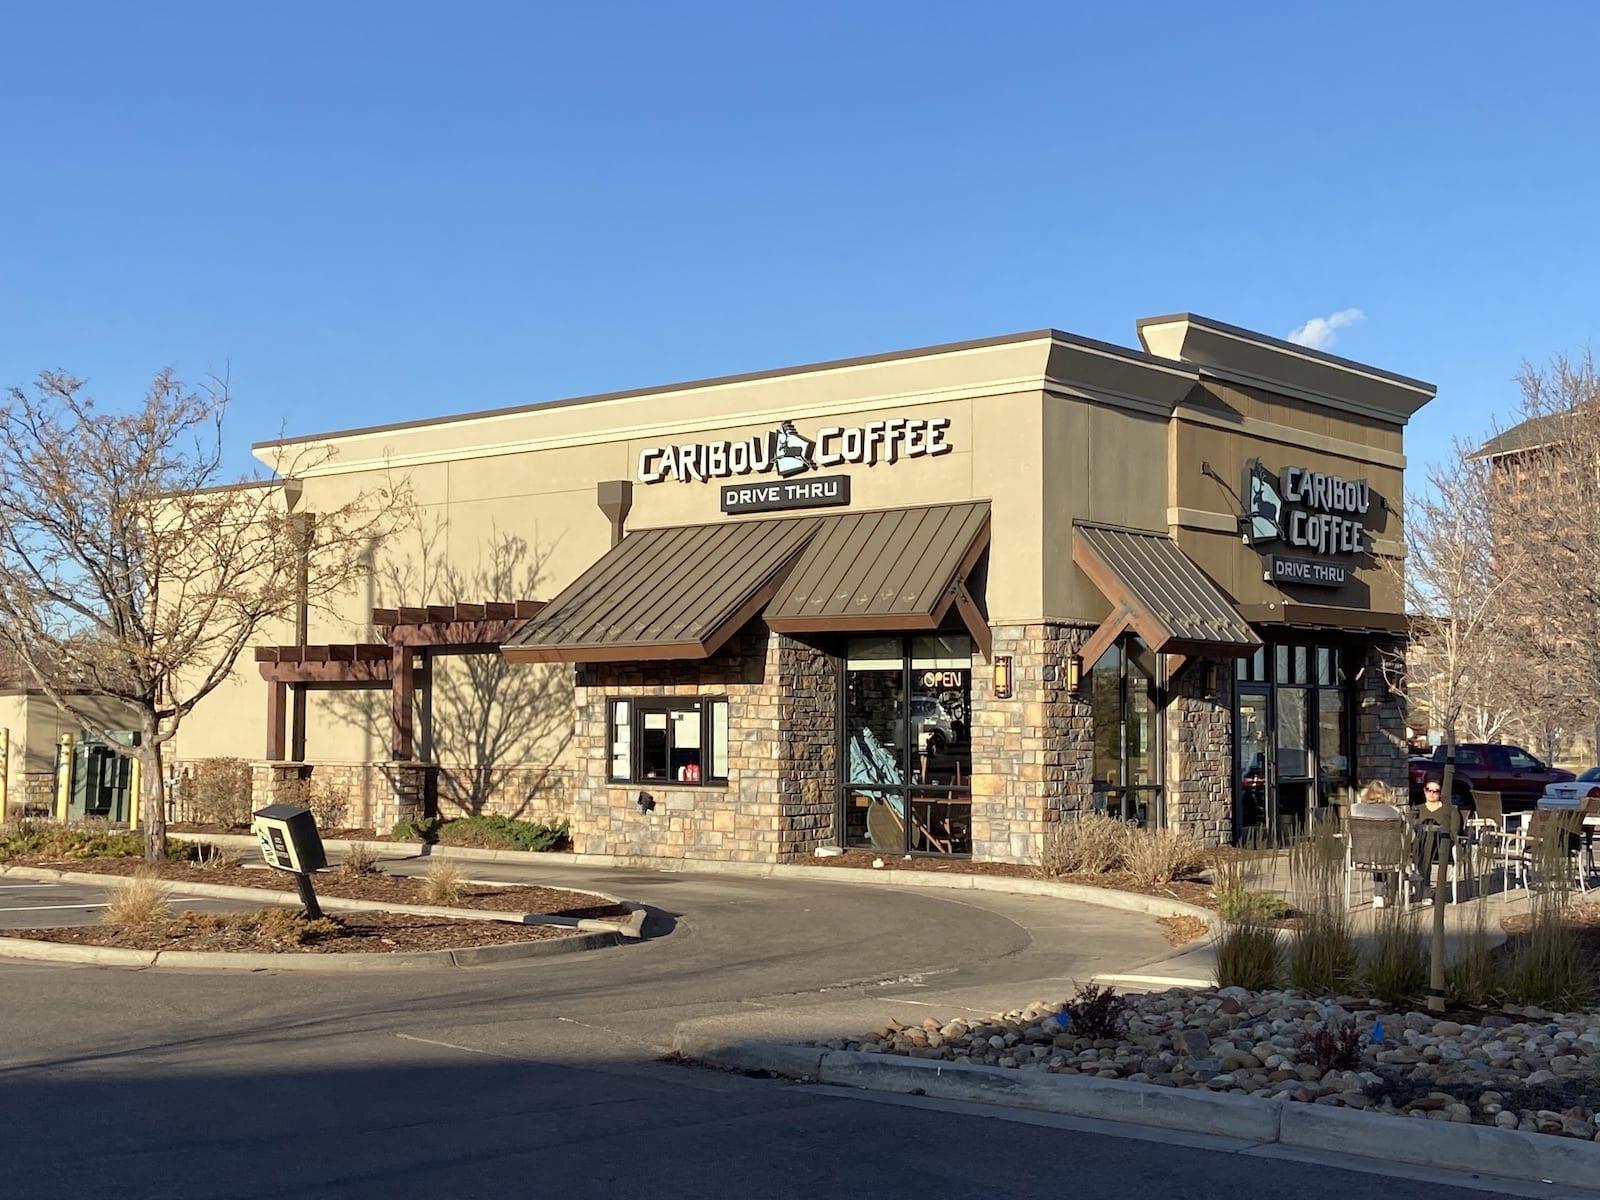 Caribou Coffee Westminster Colorado